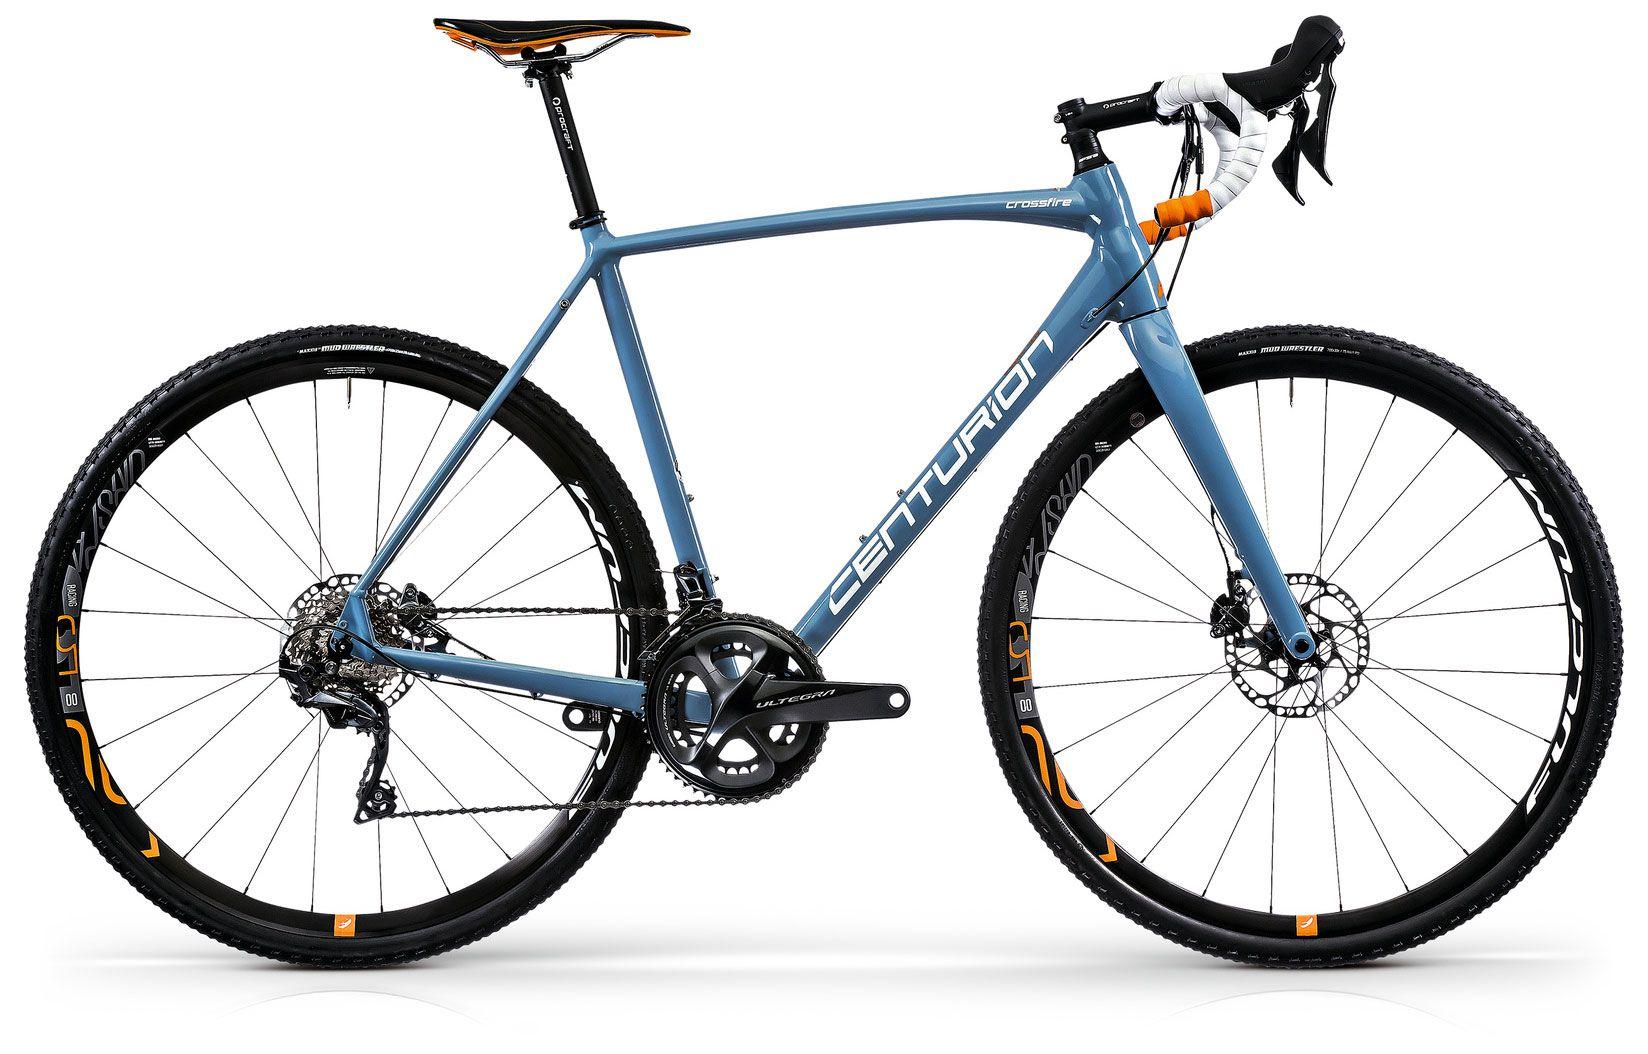 Велосипед Centurion Crossfire 4000 2018 haojian складной велосипед 26 дюймов складной горный велосипед shimano скорость 21 передач двойного дисковые тормоза